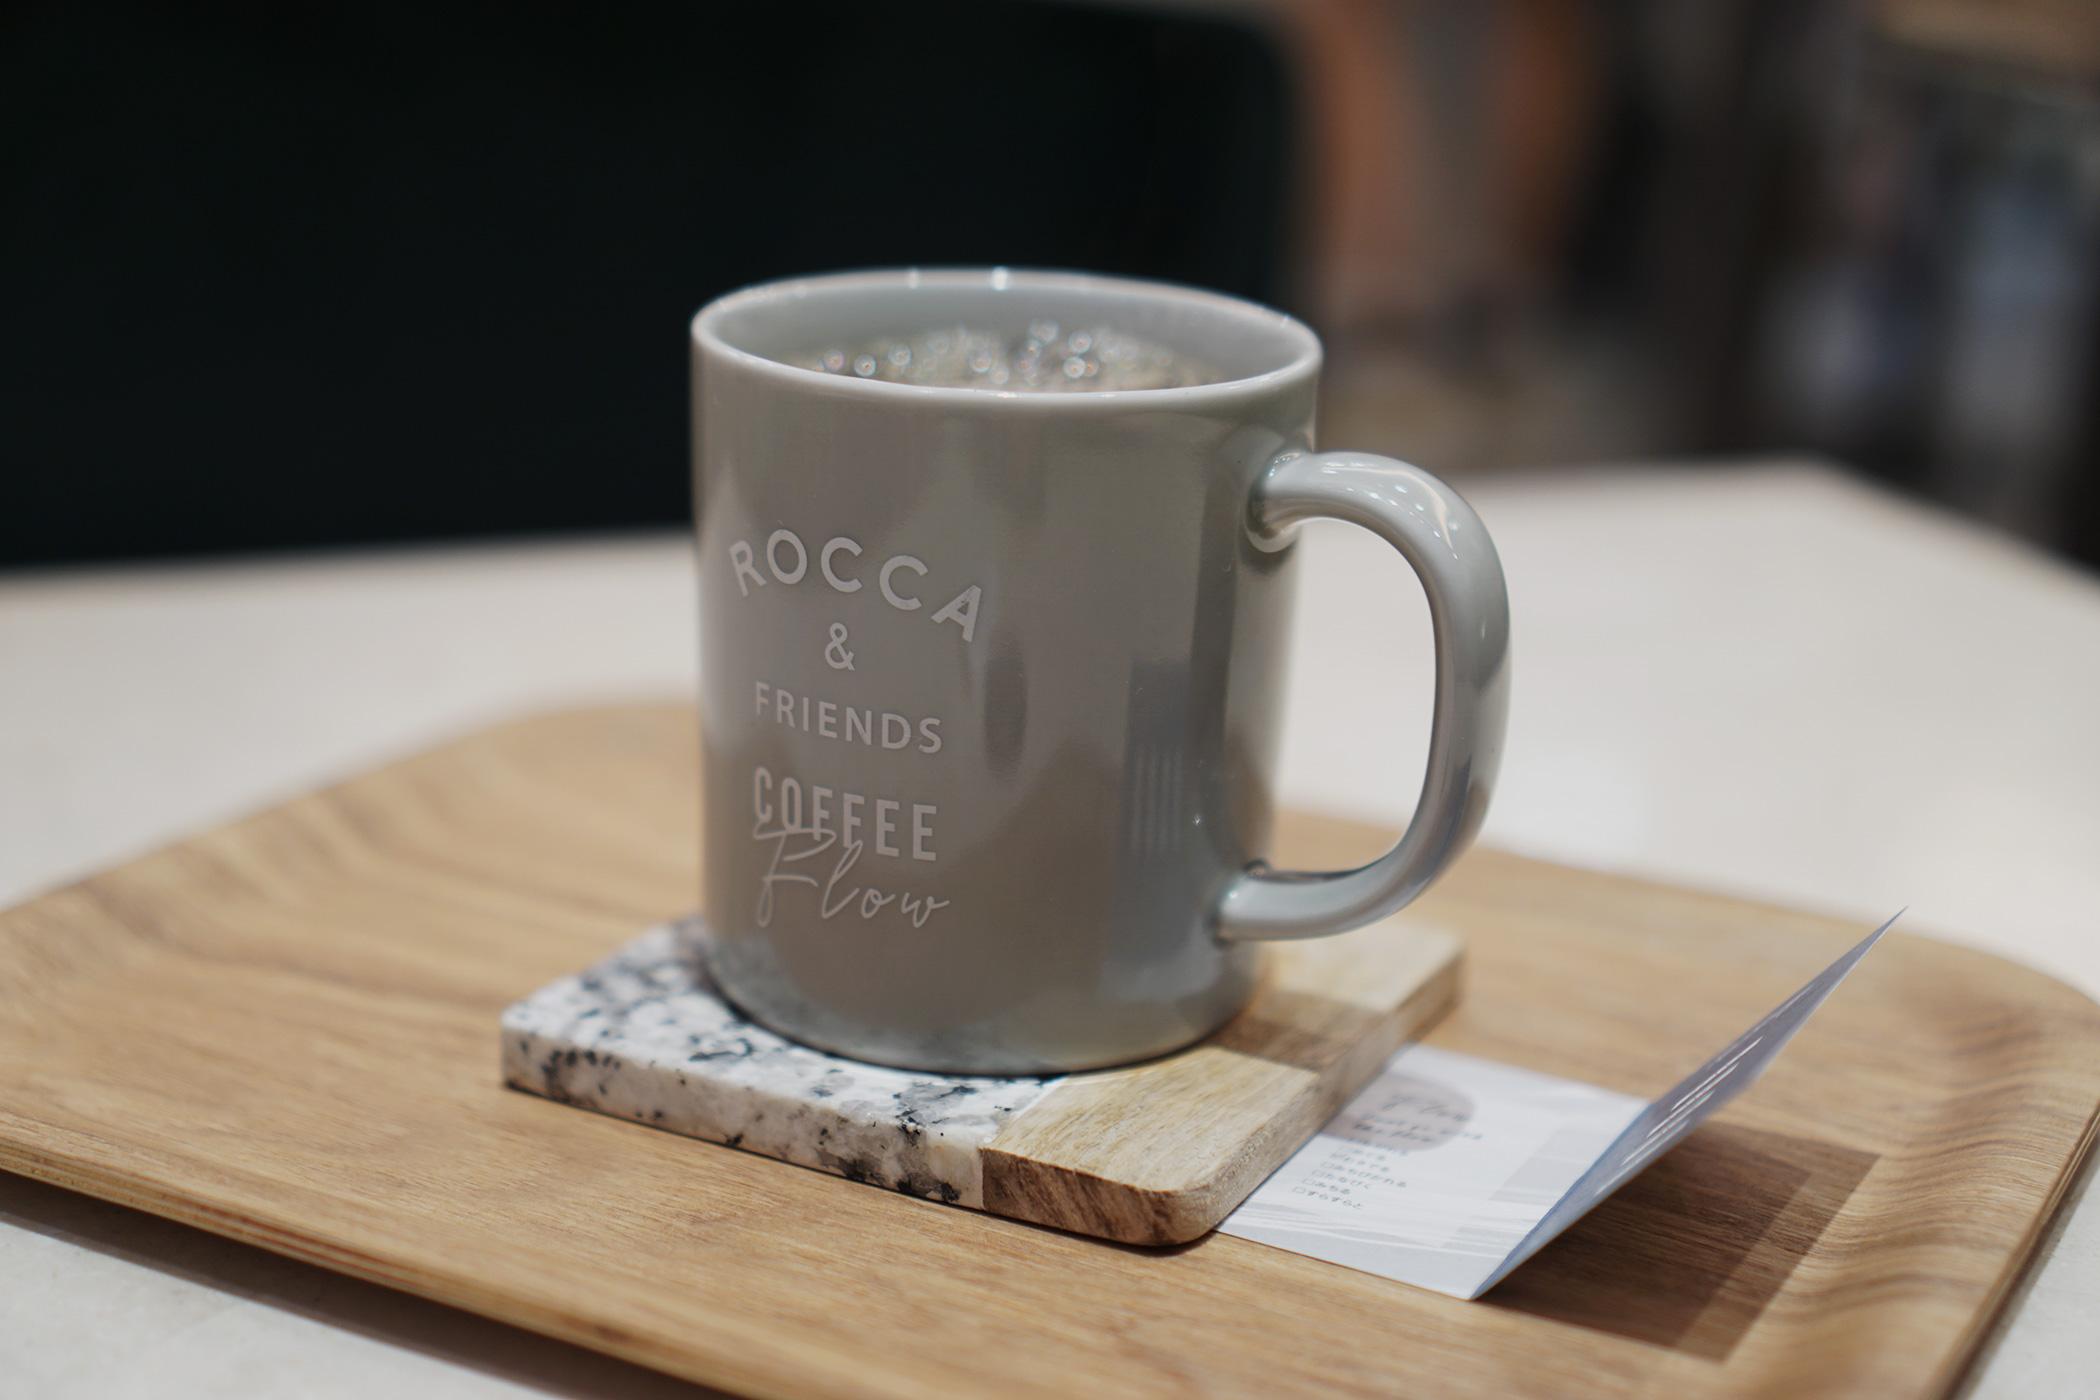 ROCCA & FRIENDS COFFEE Flowにてリチャージをオーダー